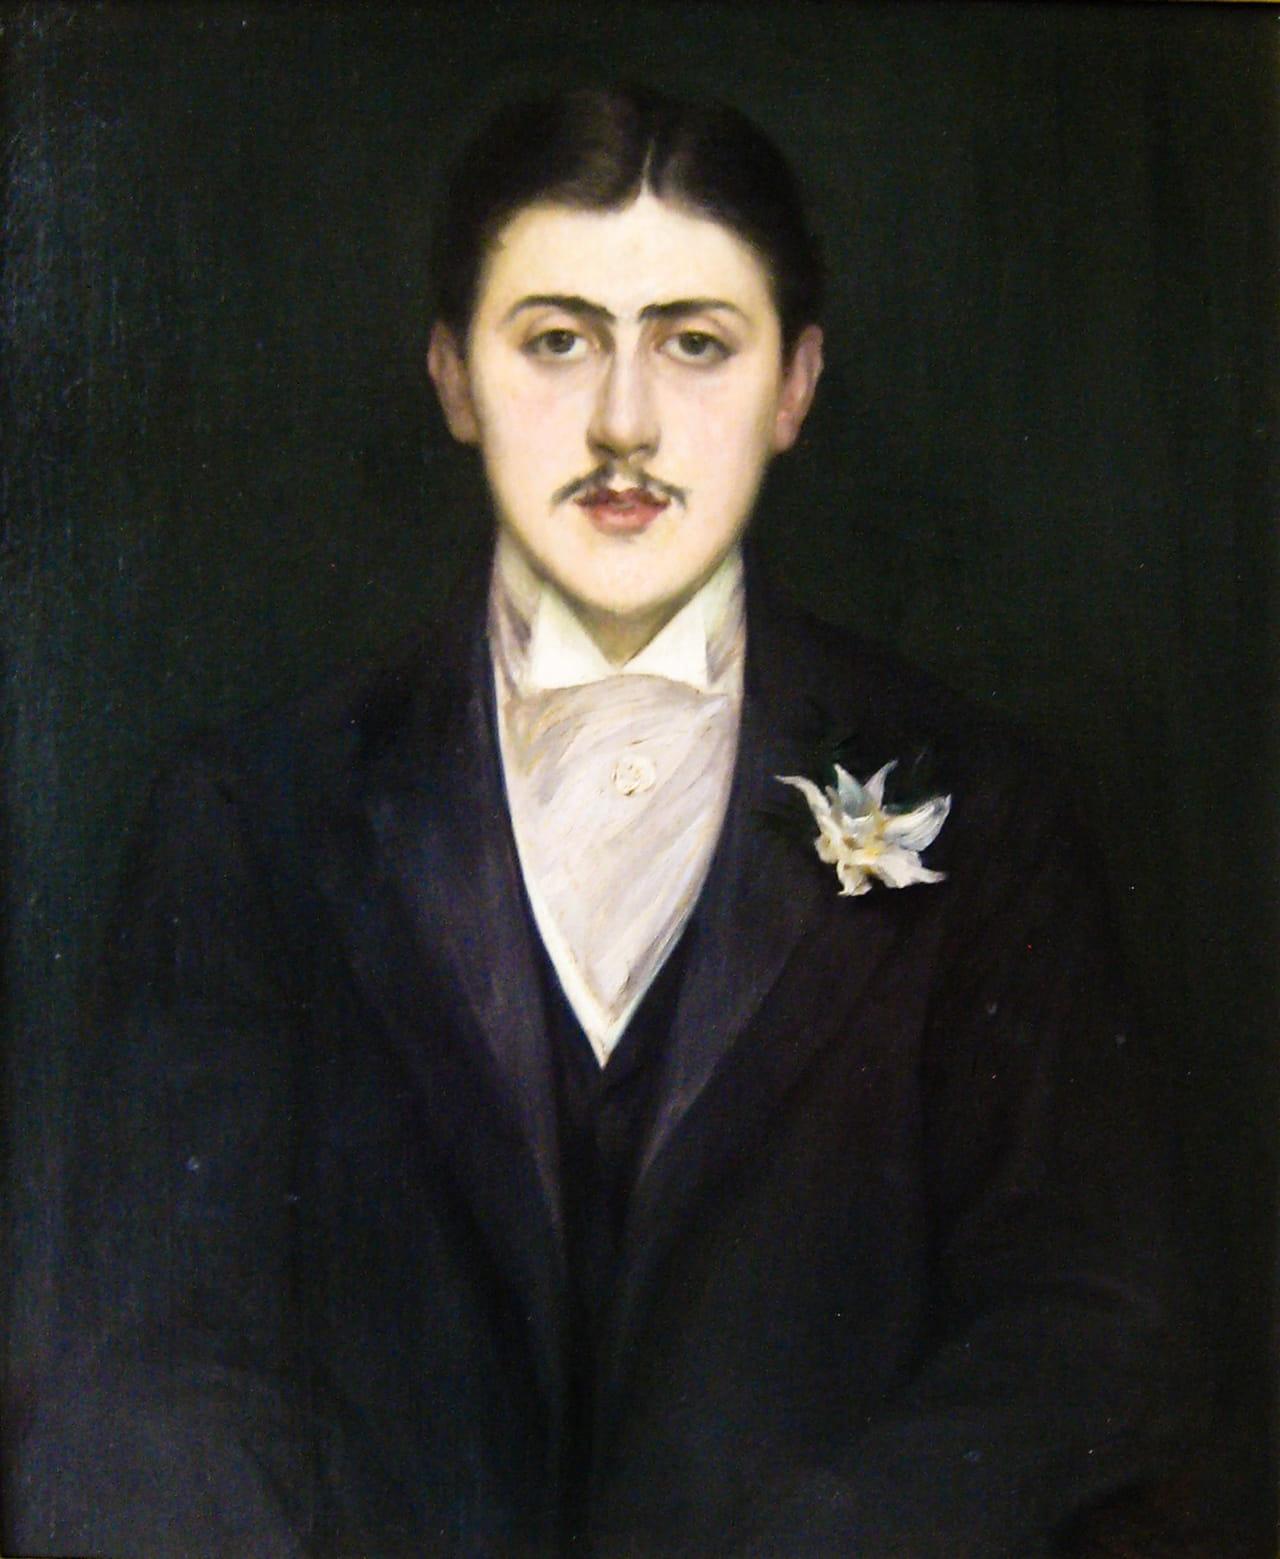 Marcel Proust Biographie